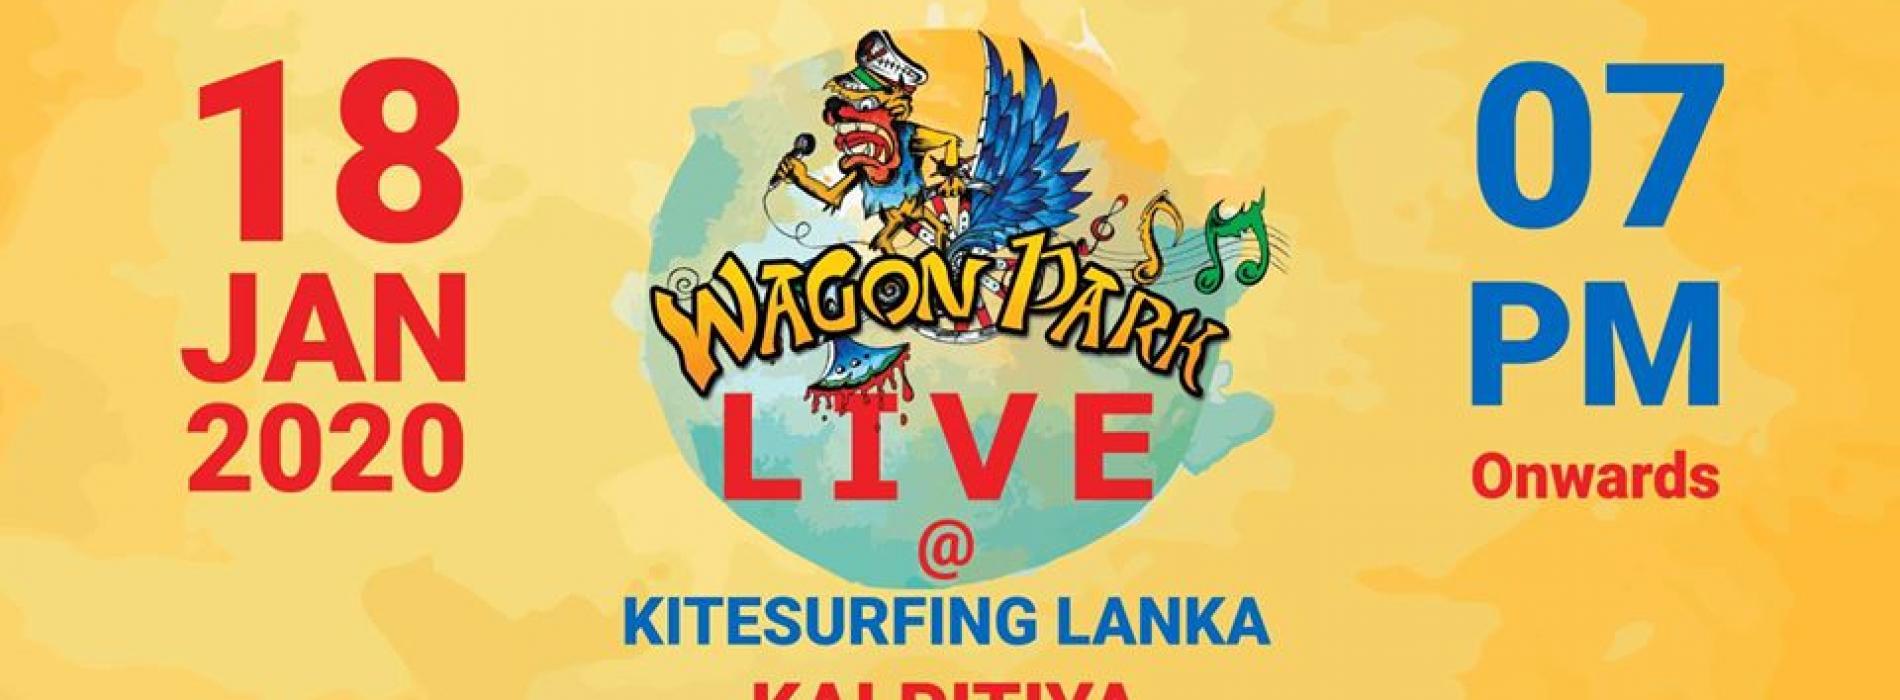 Wagon Park Live In Kalpitiya